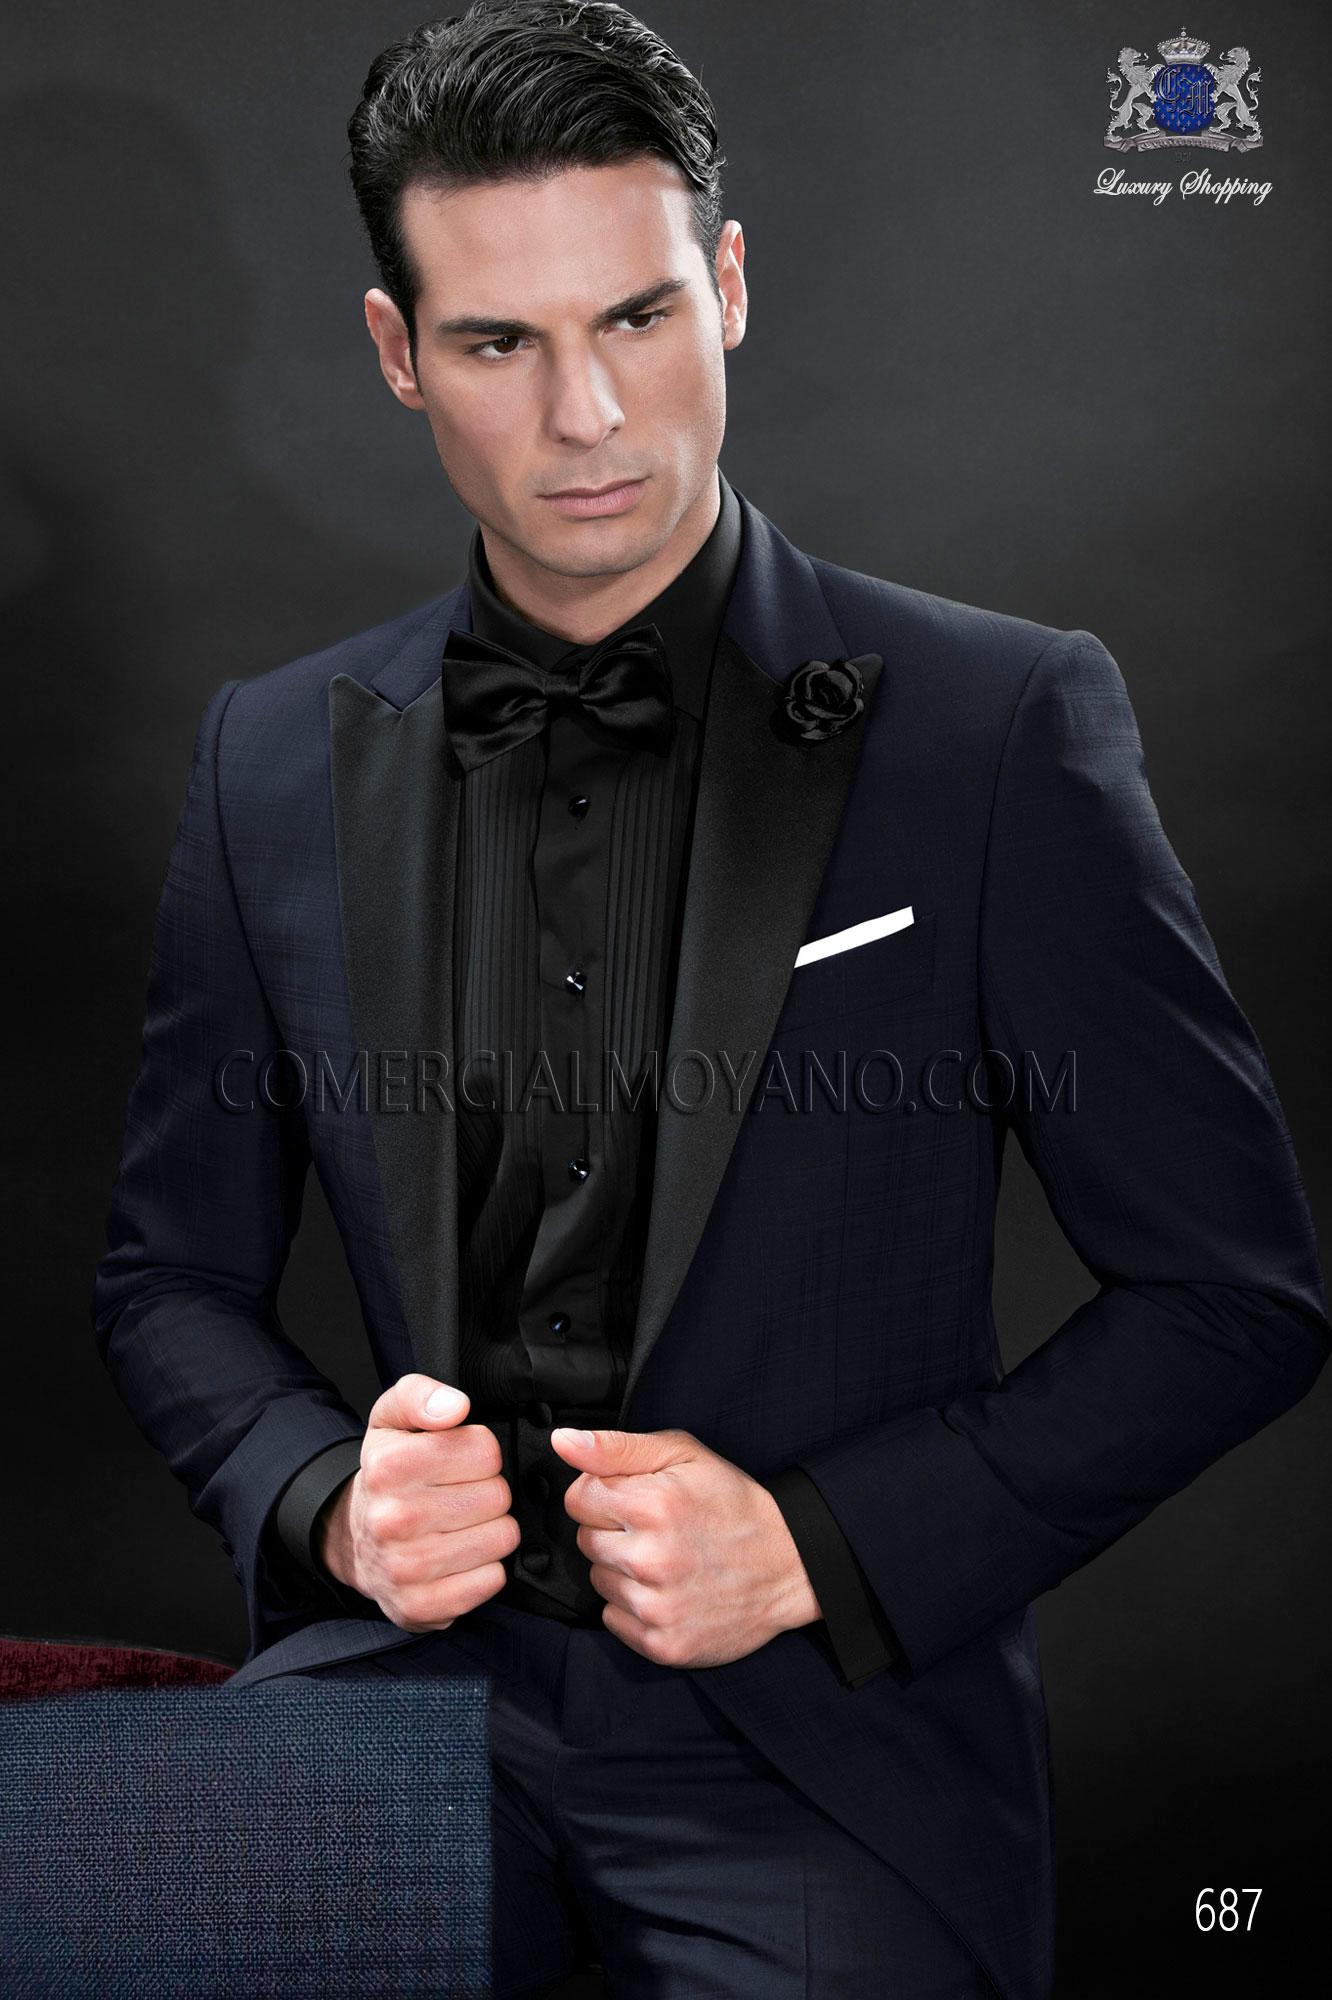 Italian bespoke tuxedo black wedding suit style 687 Ottavio Nuccio ...